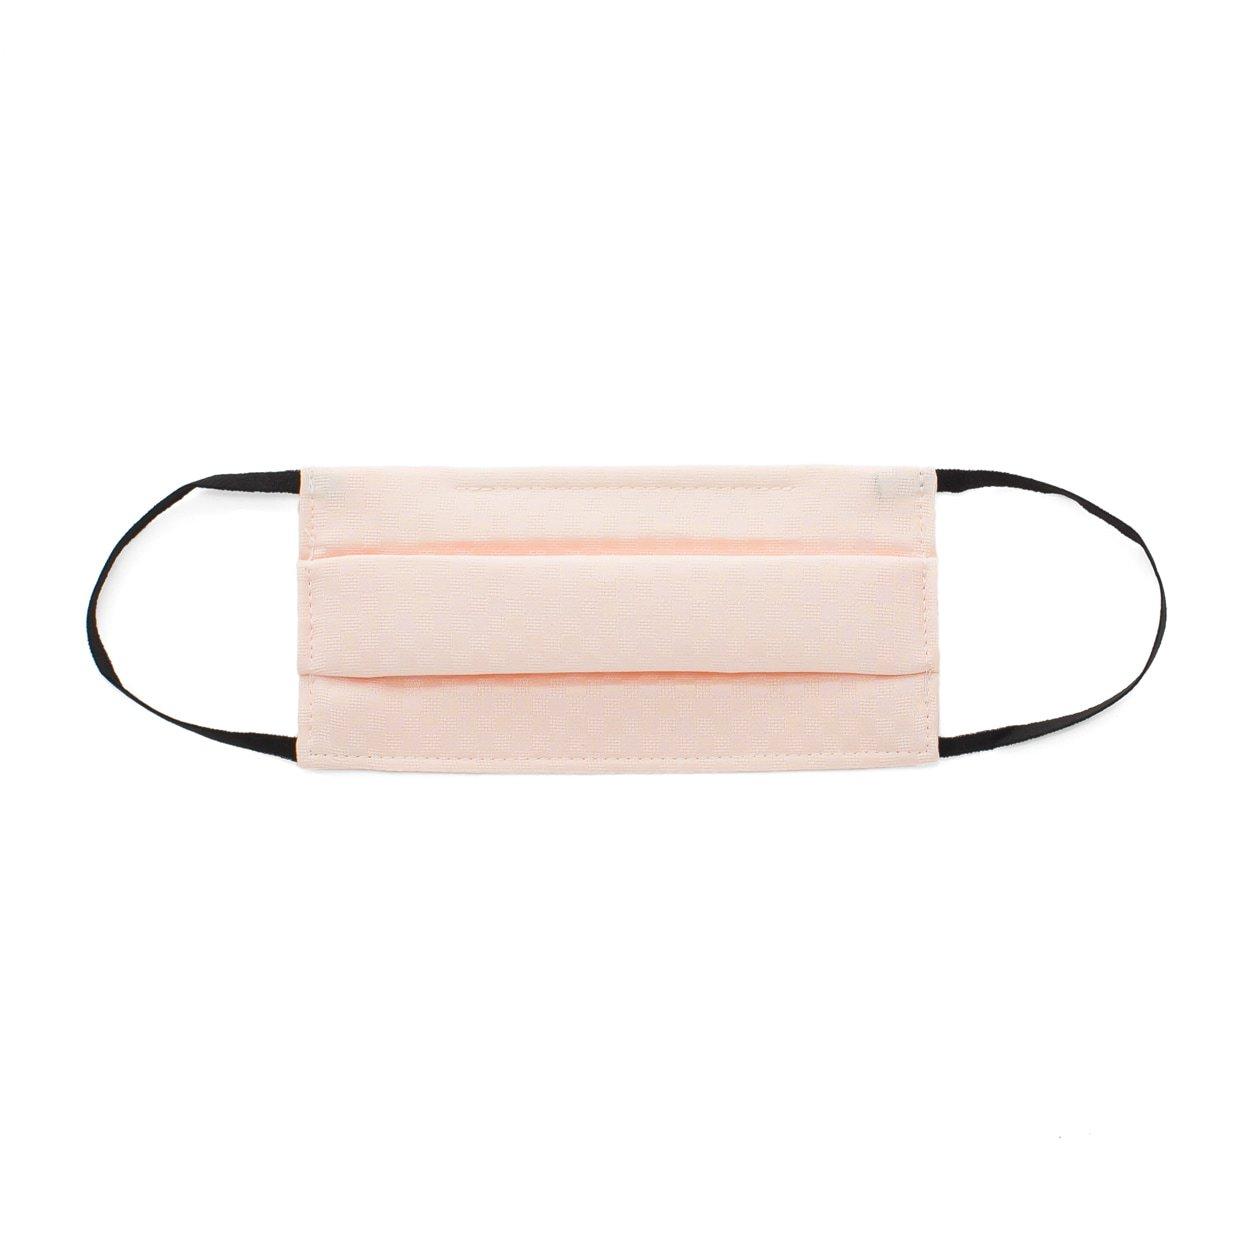 「#08桜色 IRODORI SILK MASK 絹マスク 小杉織」の商品画像